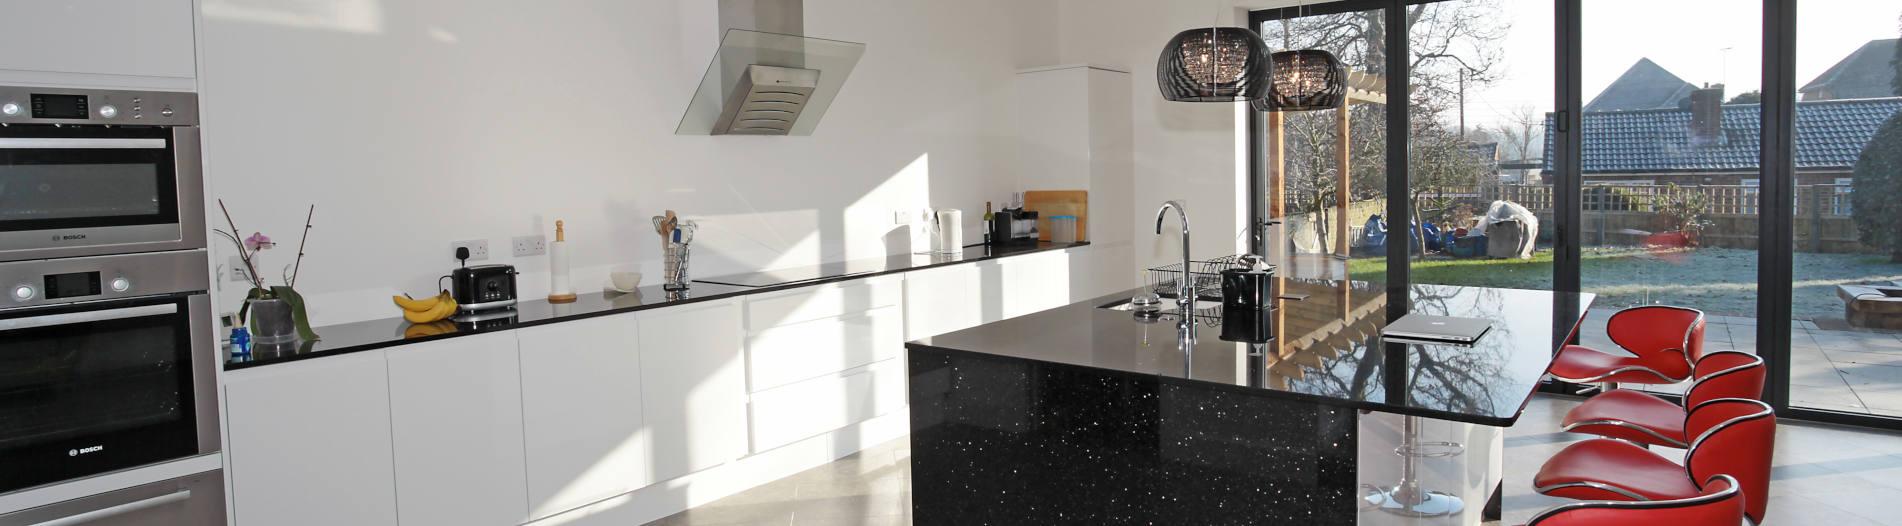 Builders West Sussex - Homepage Slider Image - Kitchen